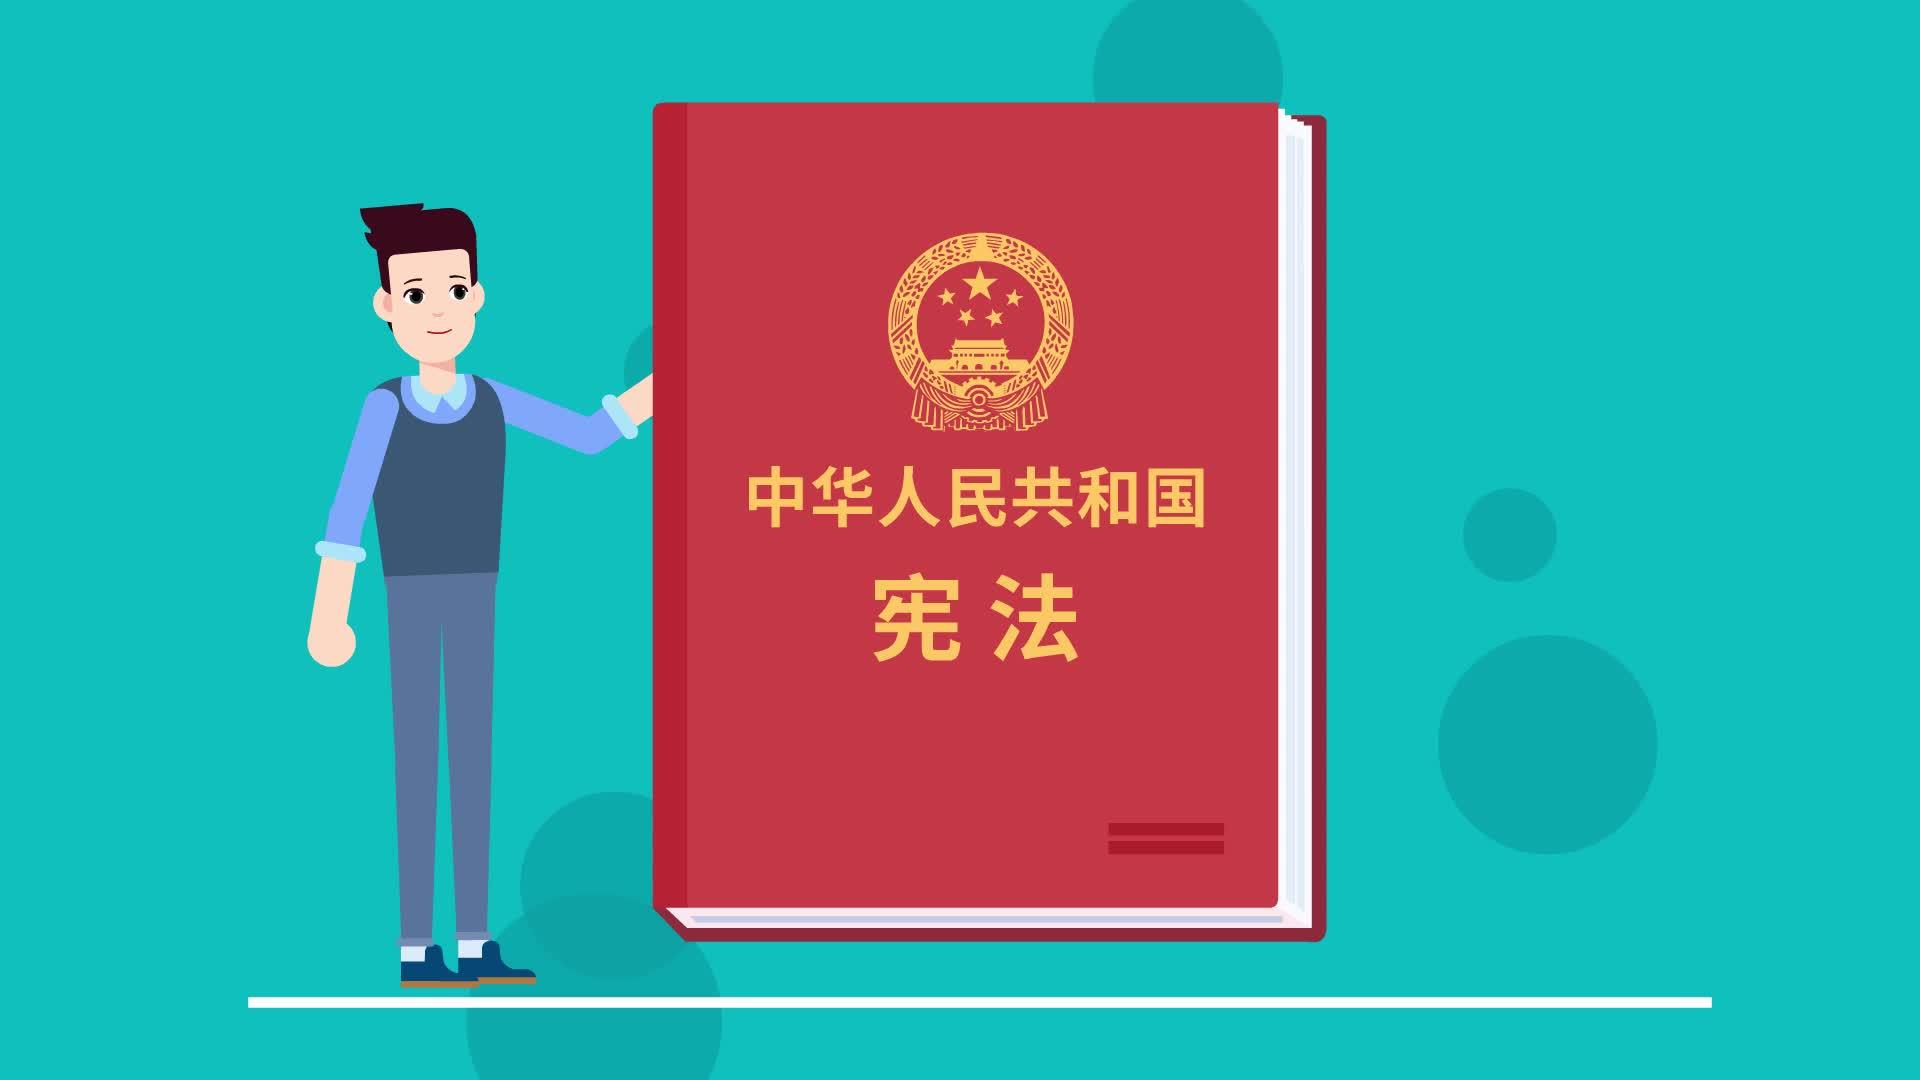 弘扬宪法精神 礼赞我的中国 杭州钱投集团献礼建国70周年